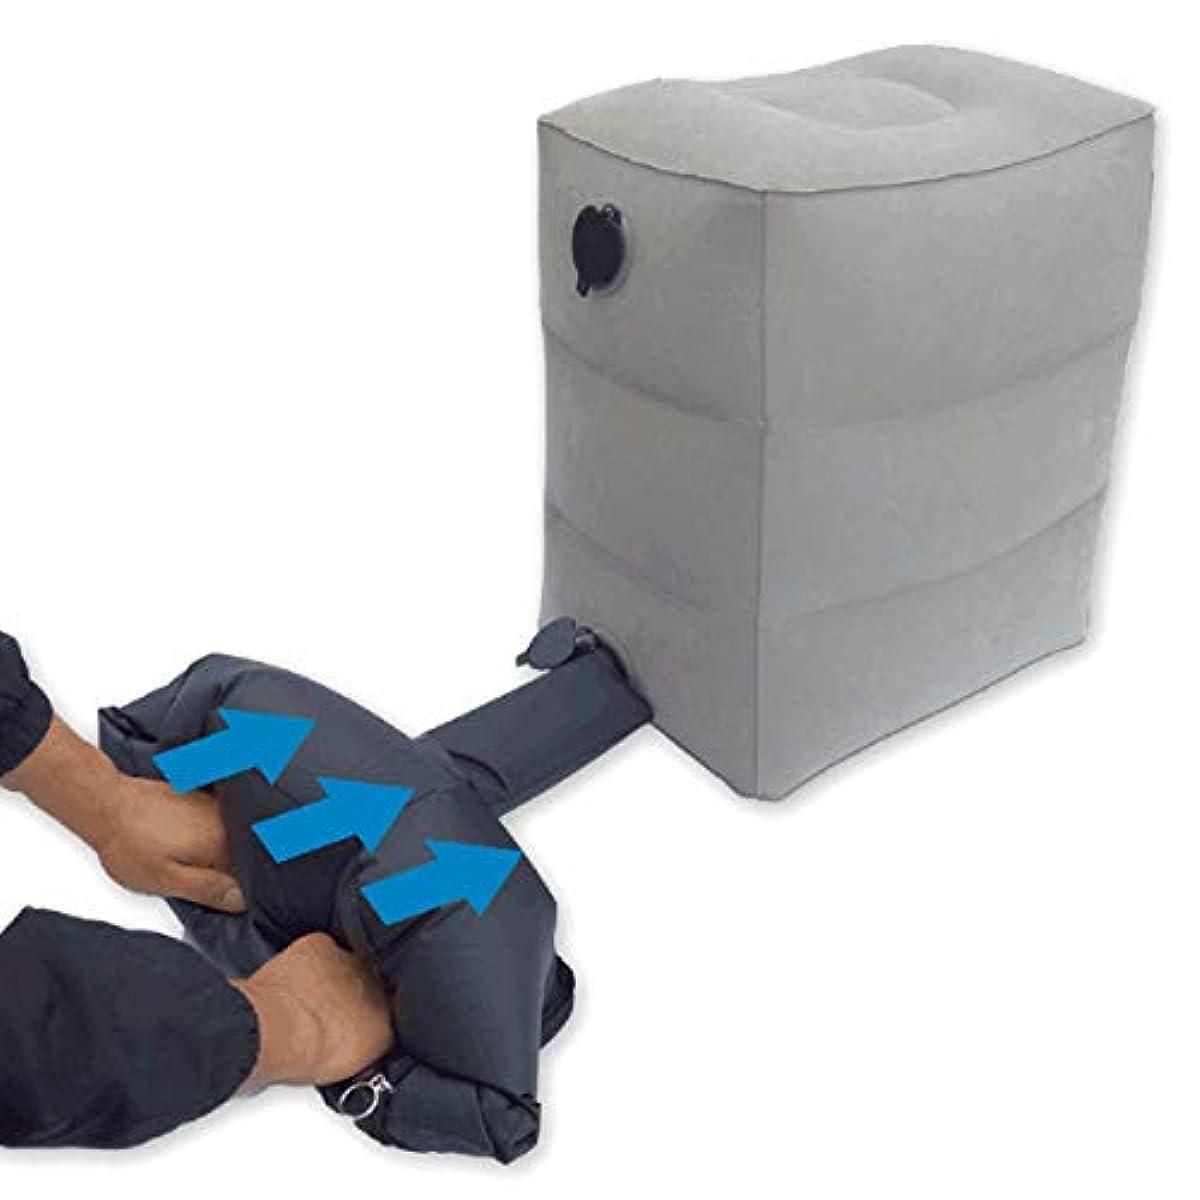 [해외] 풋 레스트족치 와 족베개 3단계의 높이 조절 아이거 비행기에 쾌적하게 잠자지는 실현차 용비행기 용방수 수납 봉투 첨부